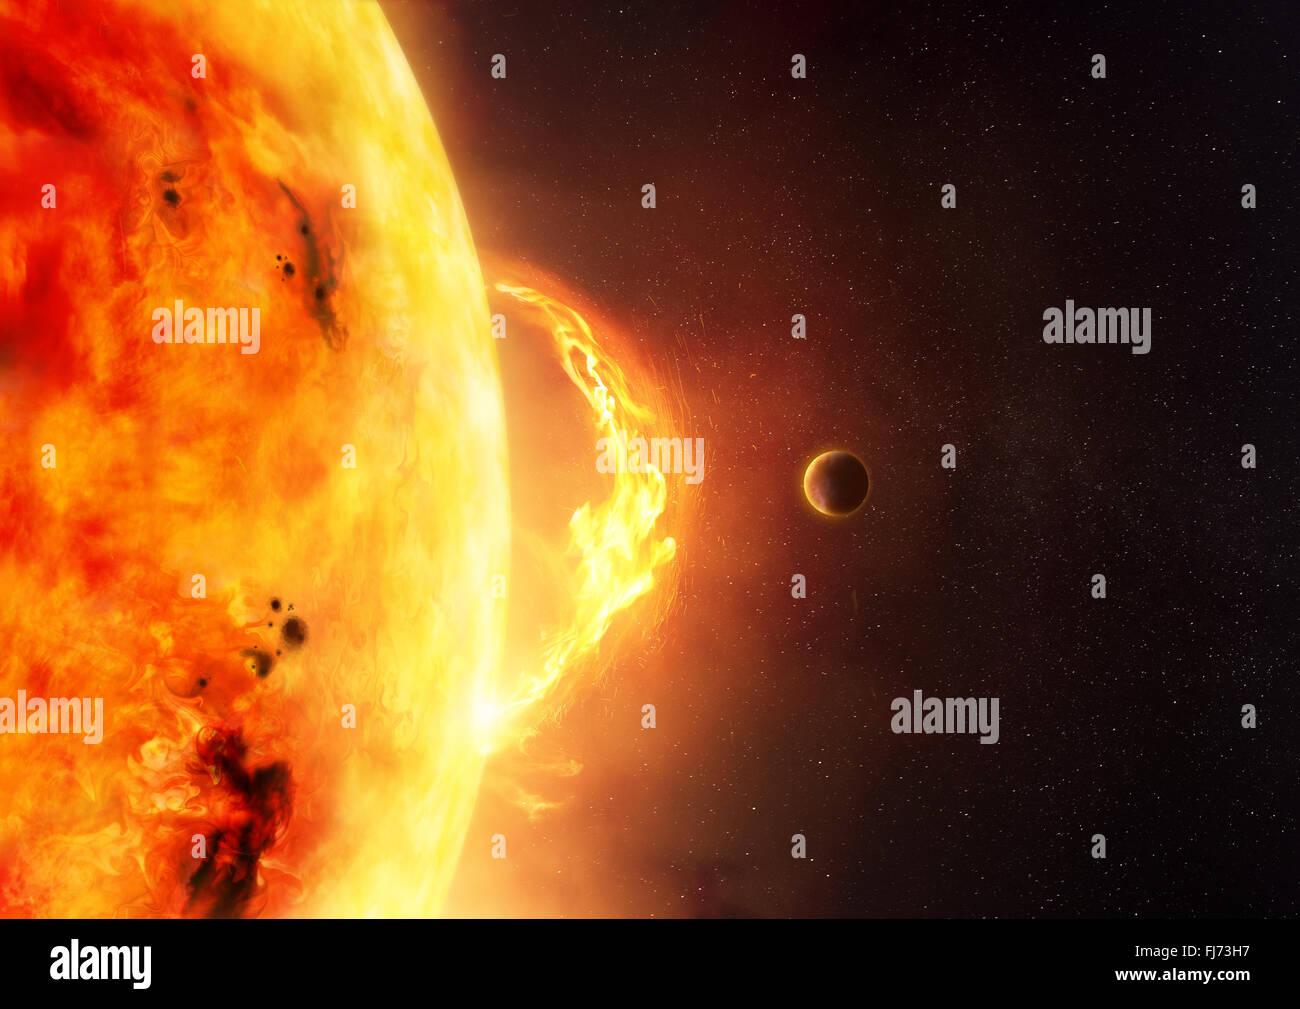 Le Soleil - Éruption solaire. Une illustration du soleil et sun flare avec une planète pour donner l'échelle Photo Stock